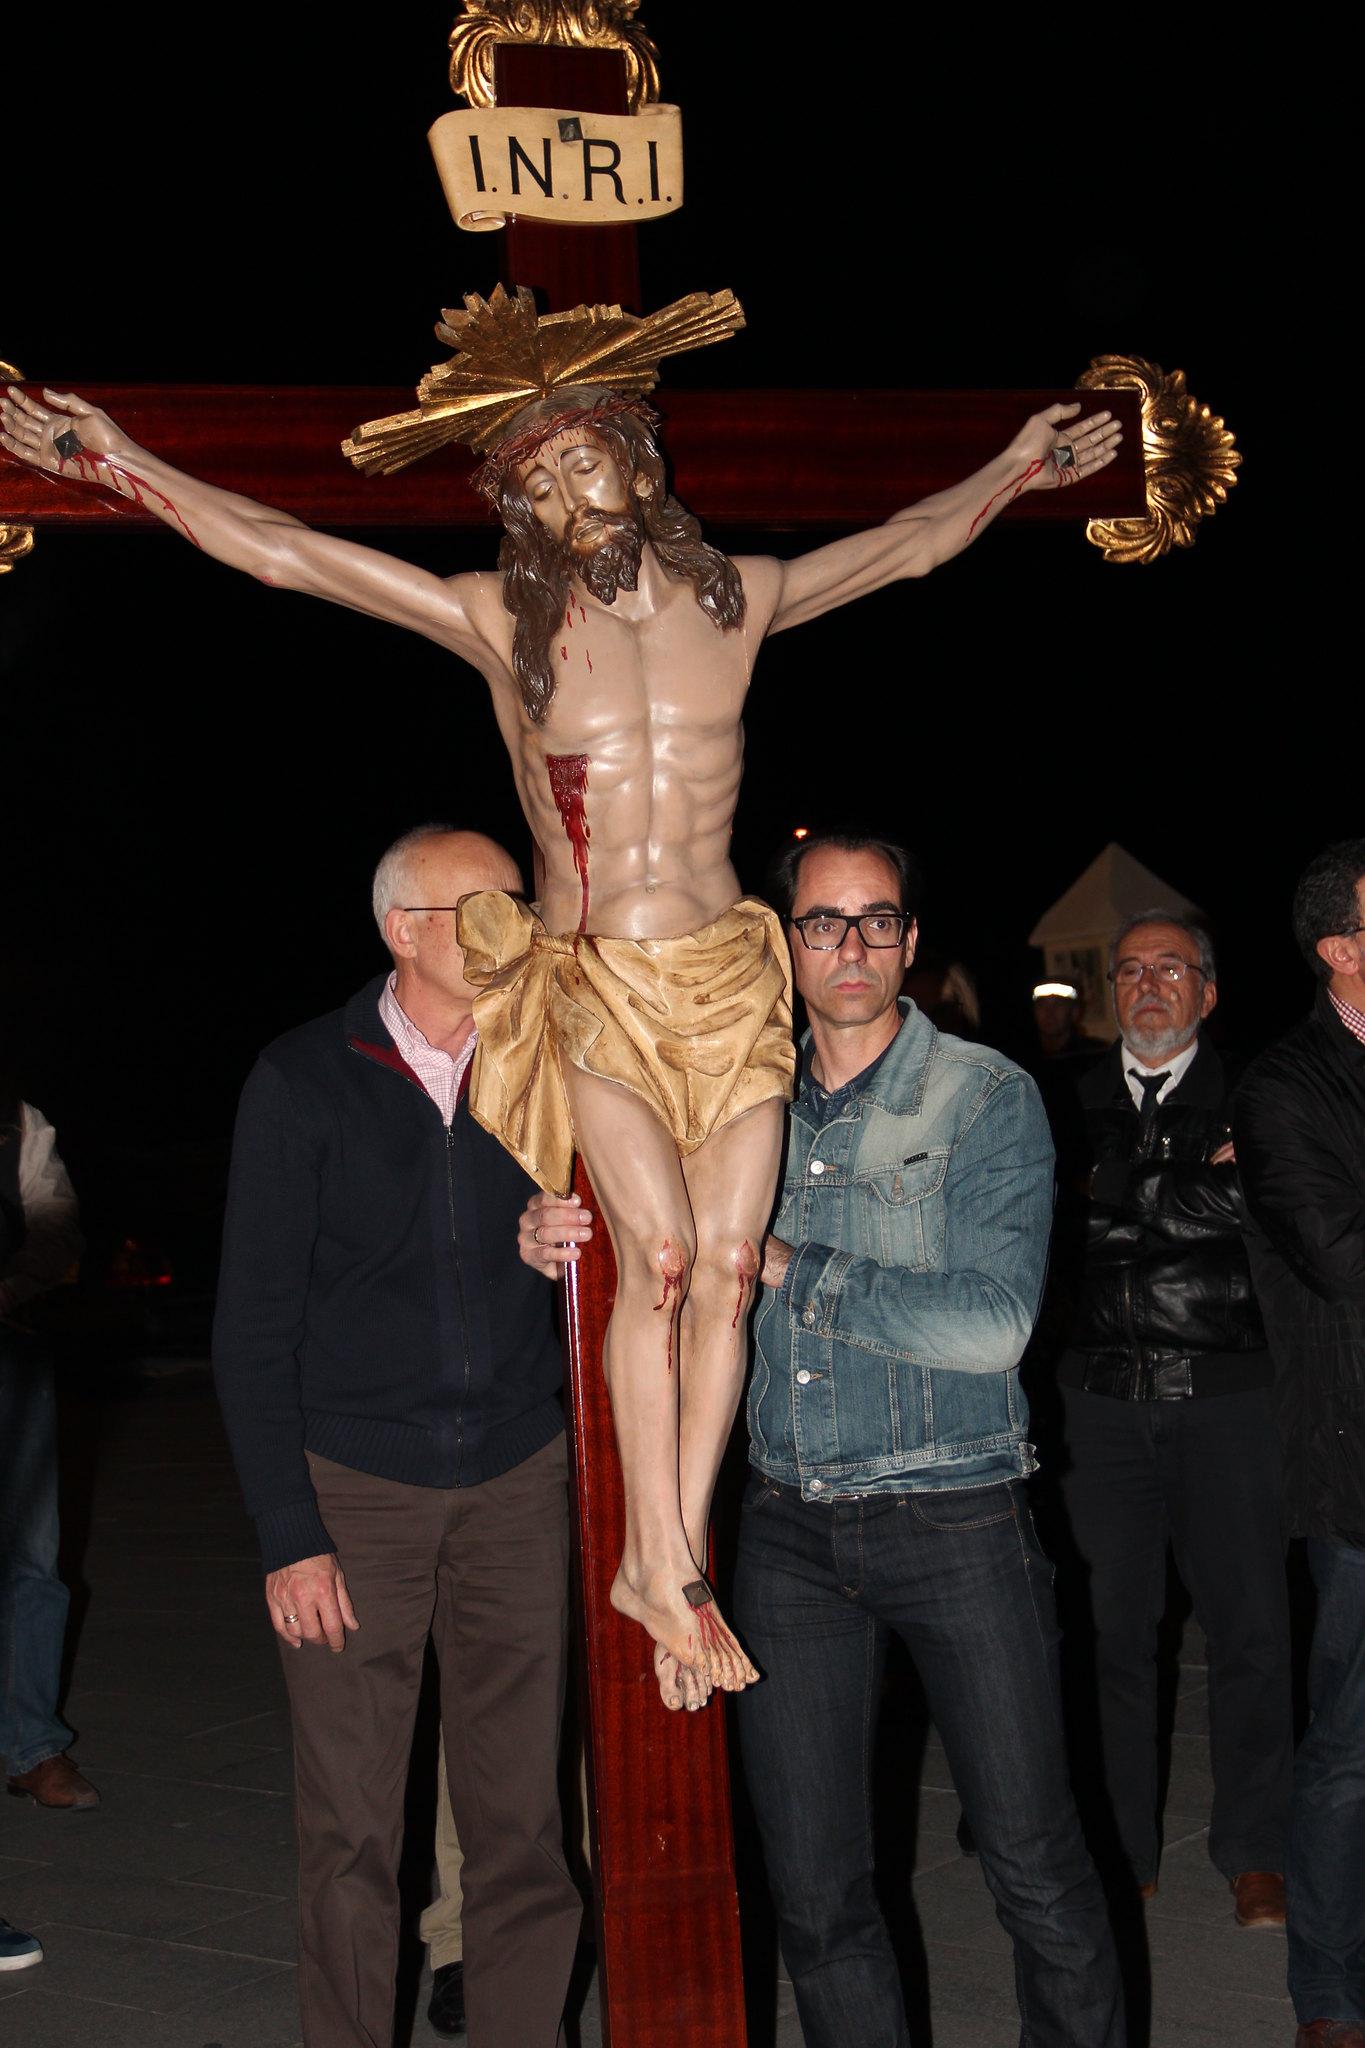 (2015-03-27) - VI Vía Crucis nocturno - Antonio José Verdú Navarro (81)